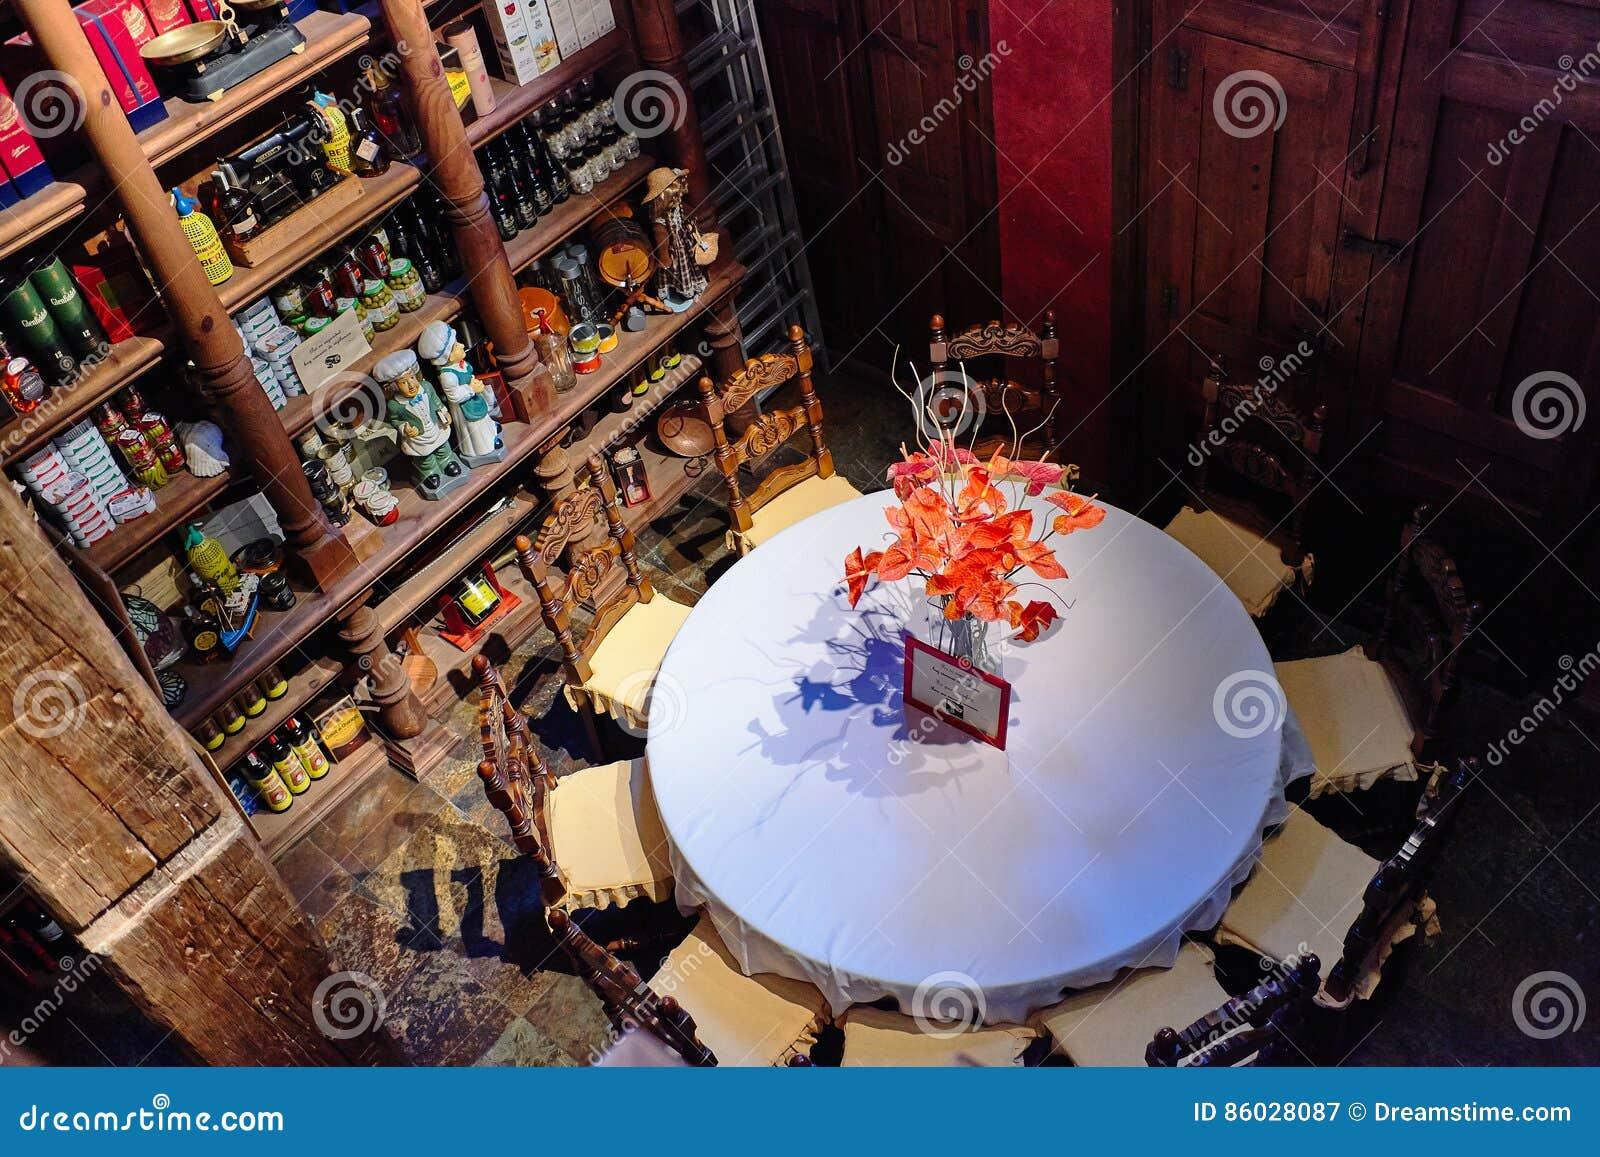 Torrevieja, Spanje - Juli 28, 2015: Het hoogtepunt van de wijnkelder van wijnflessen Restaurant in Torrevieja, Spanje